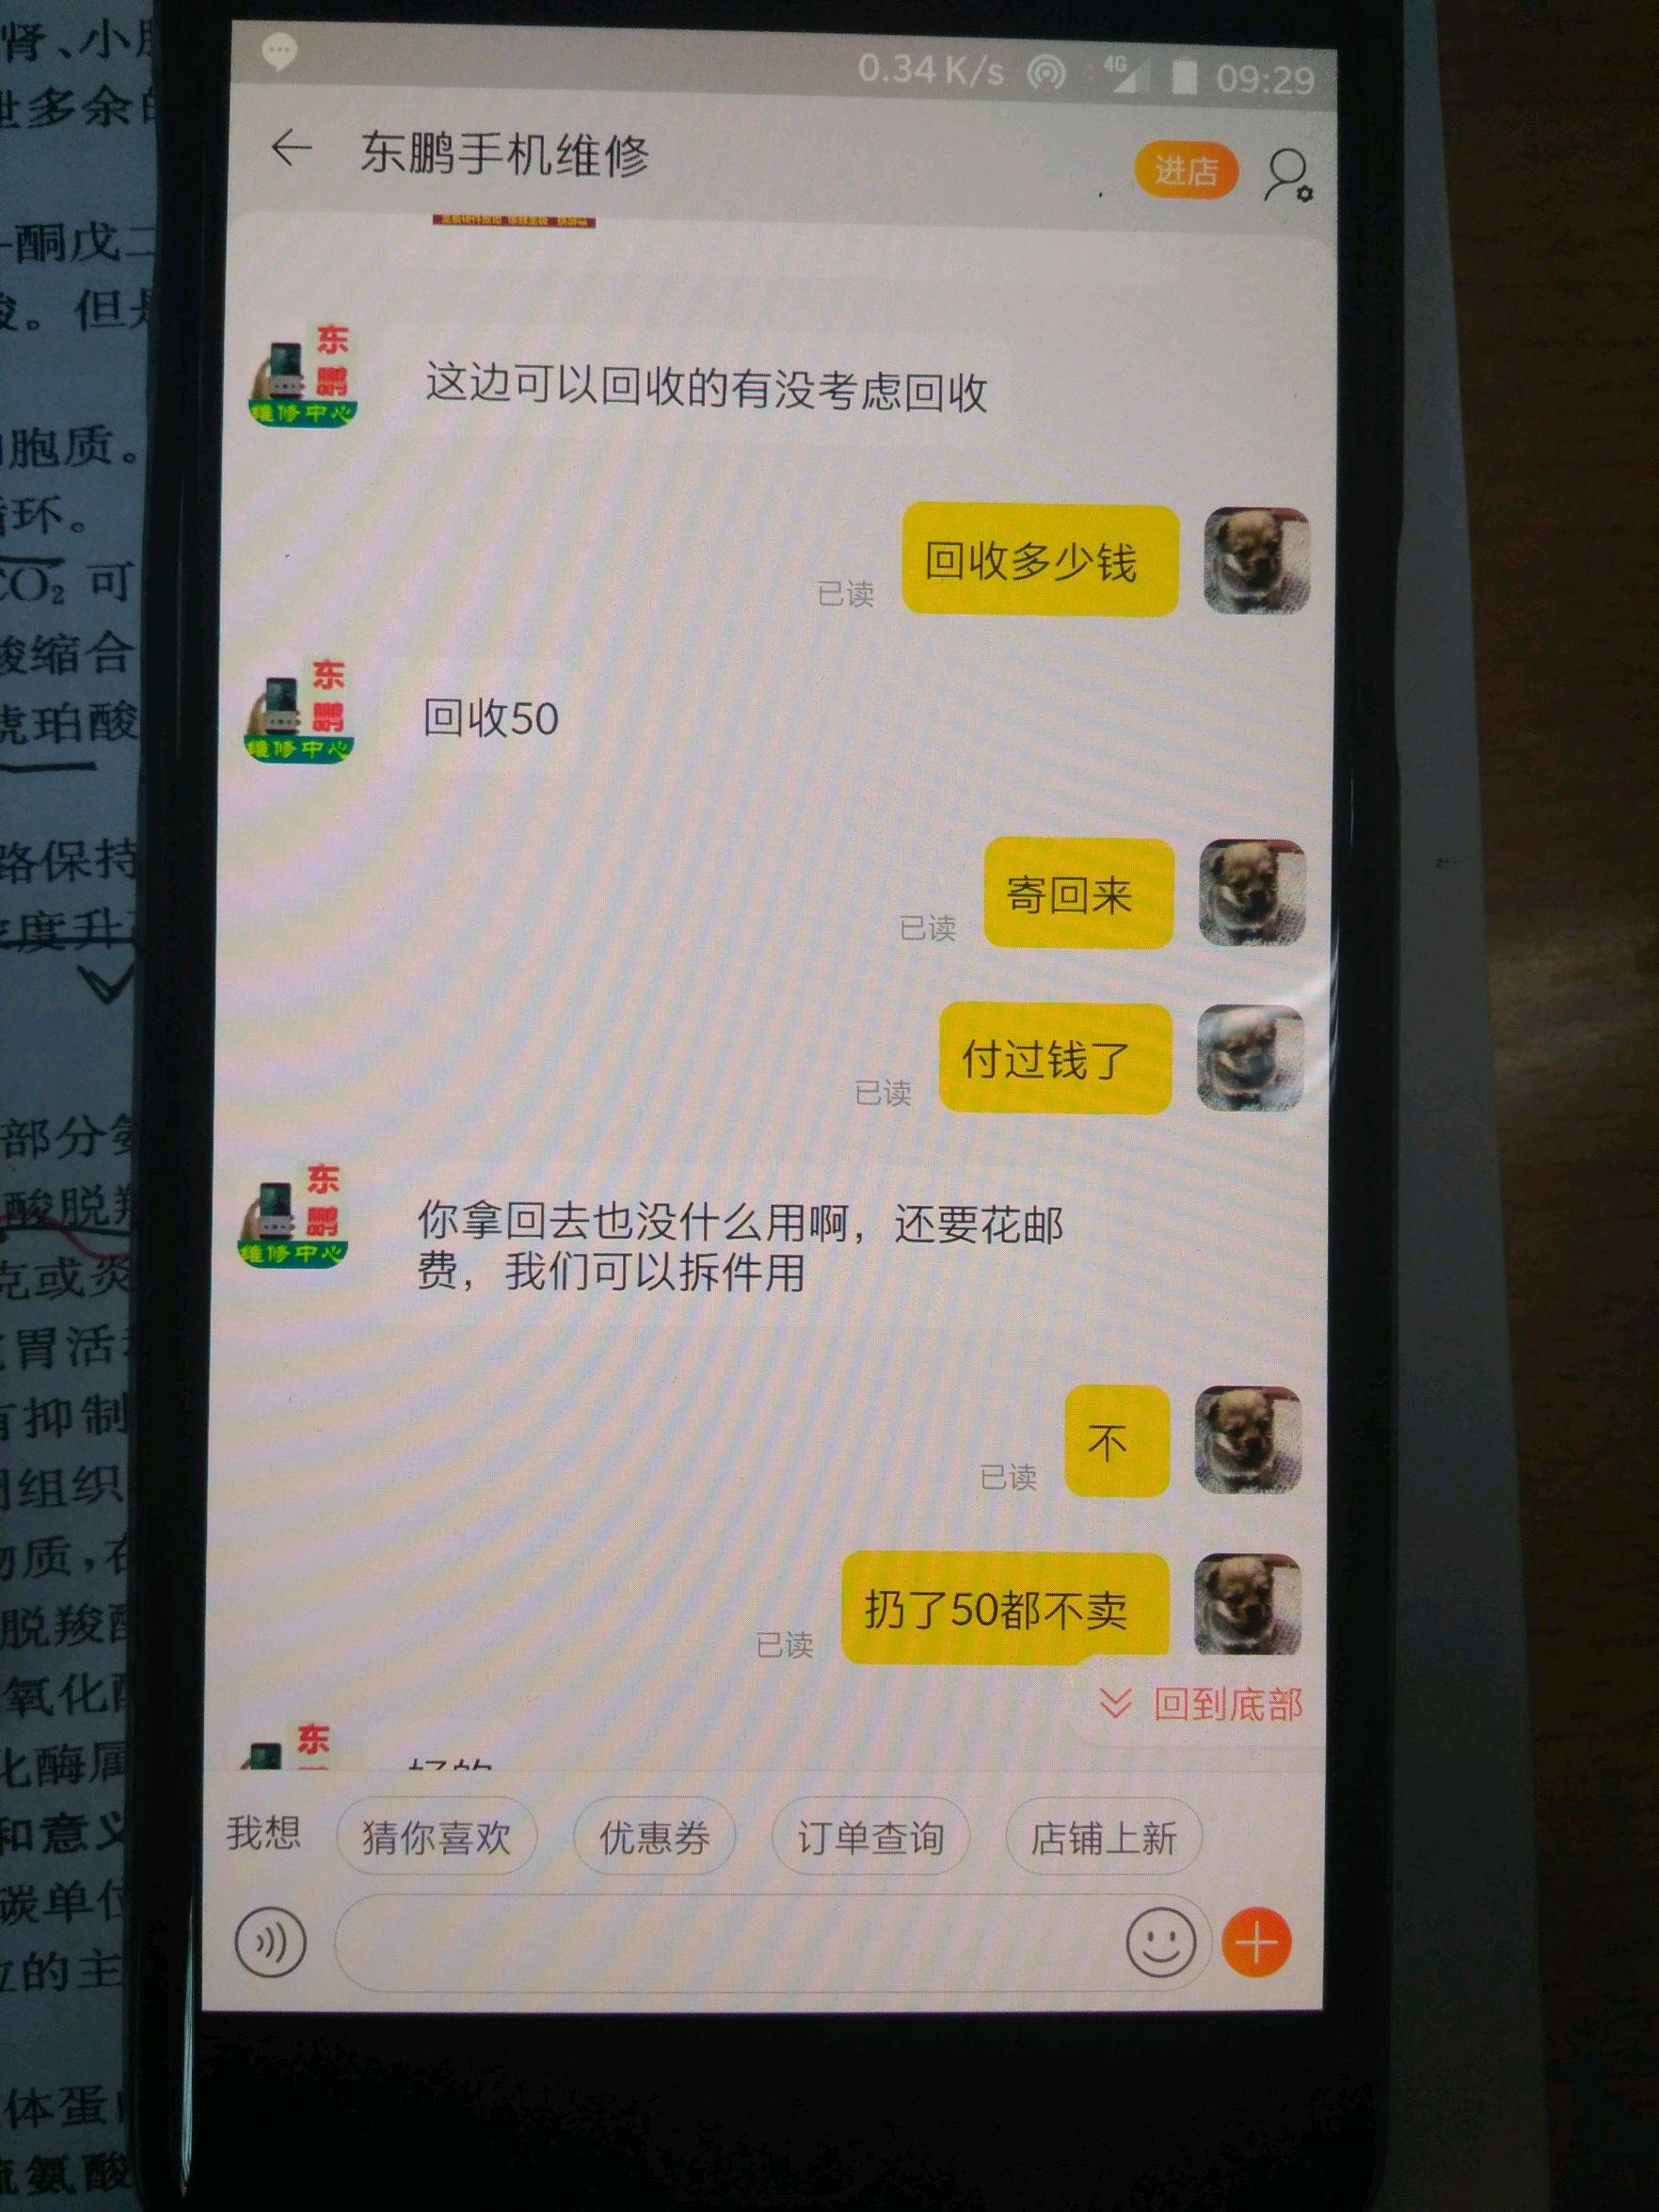 《奸商曝光帖- 东鹏手机维修》